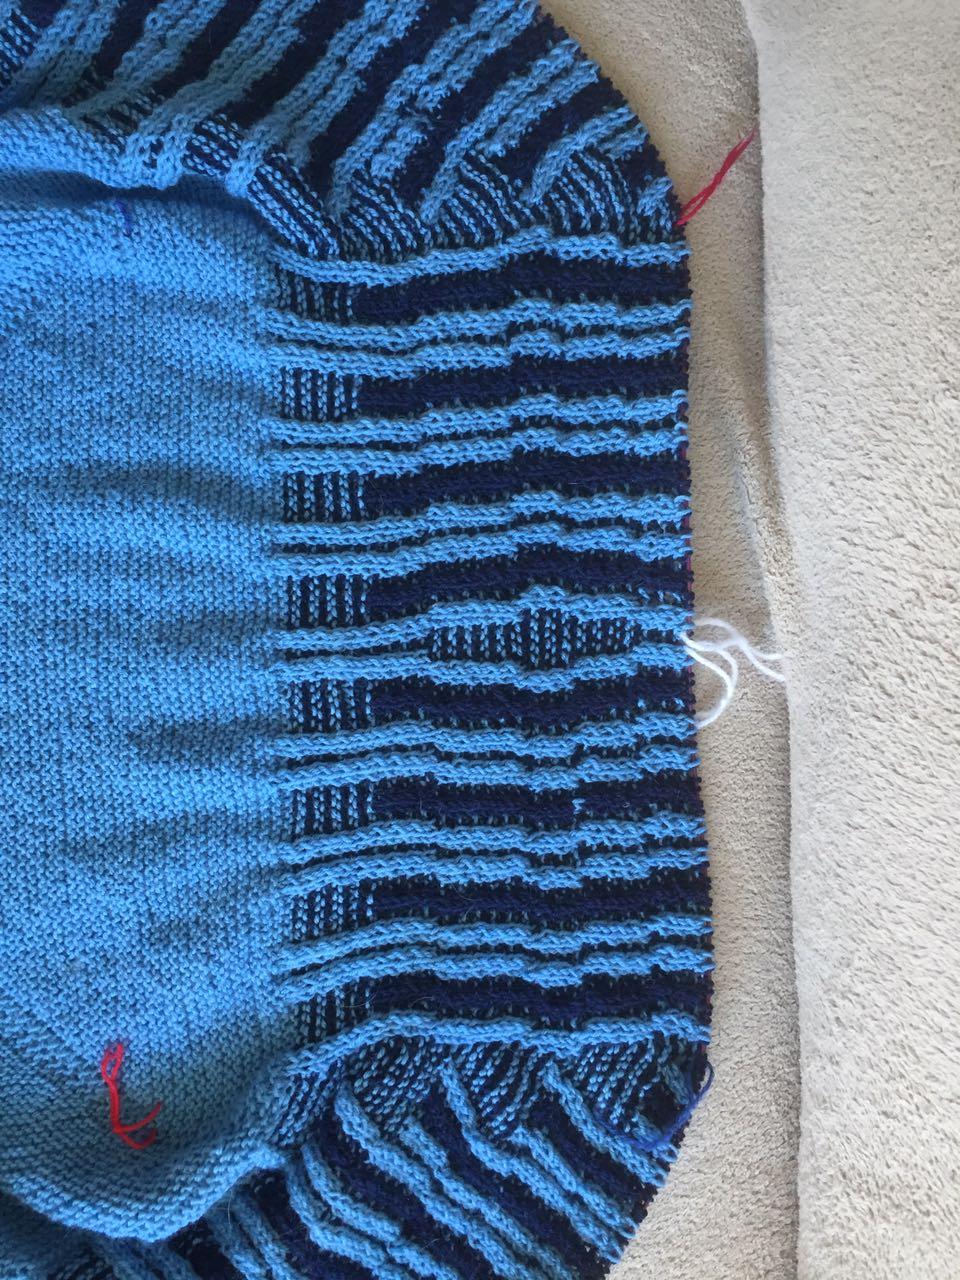 Petras Tuch aus Sockenwolle - Version 3.